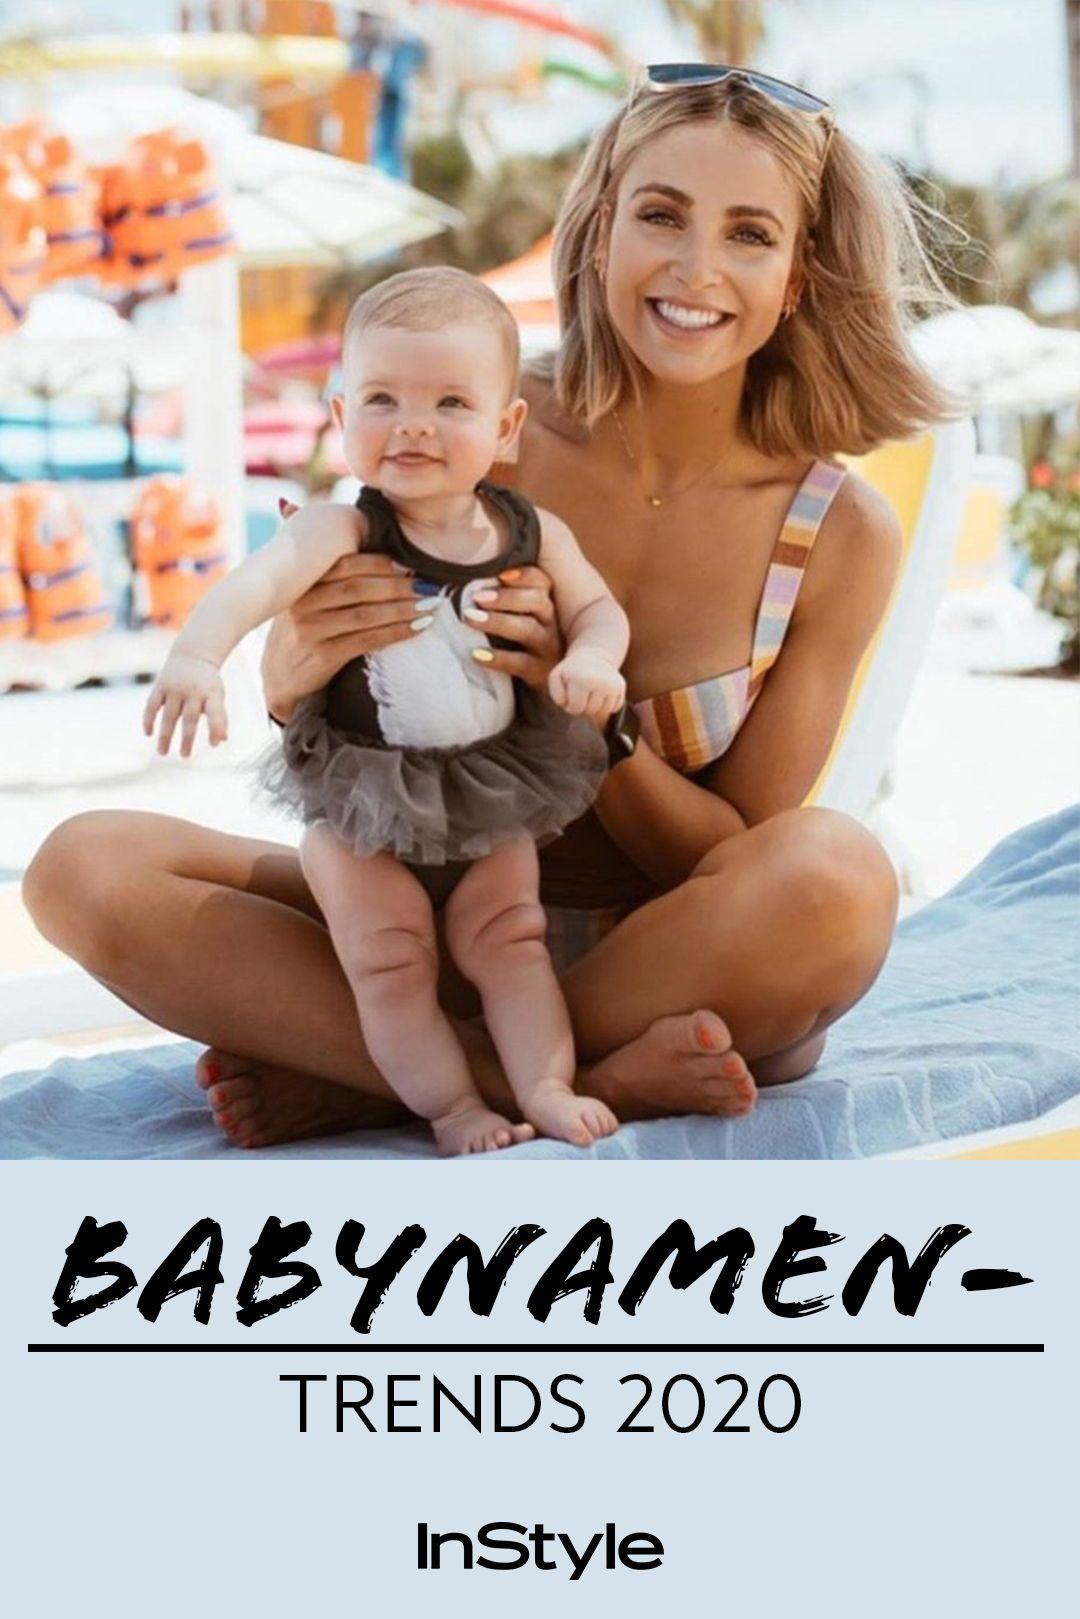 Tschuss Marie Und Elias Das Sind Die Babynamen Die 2020 Total Im